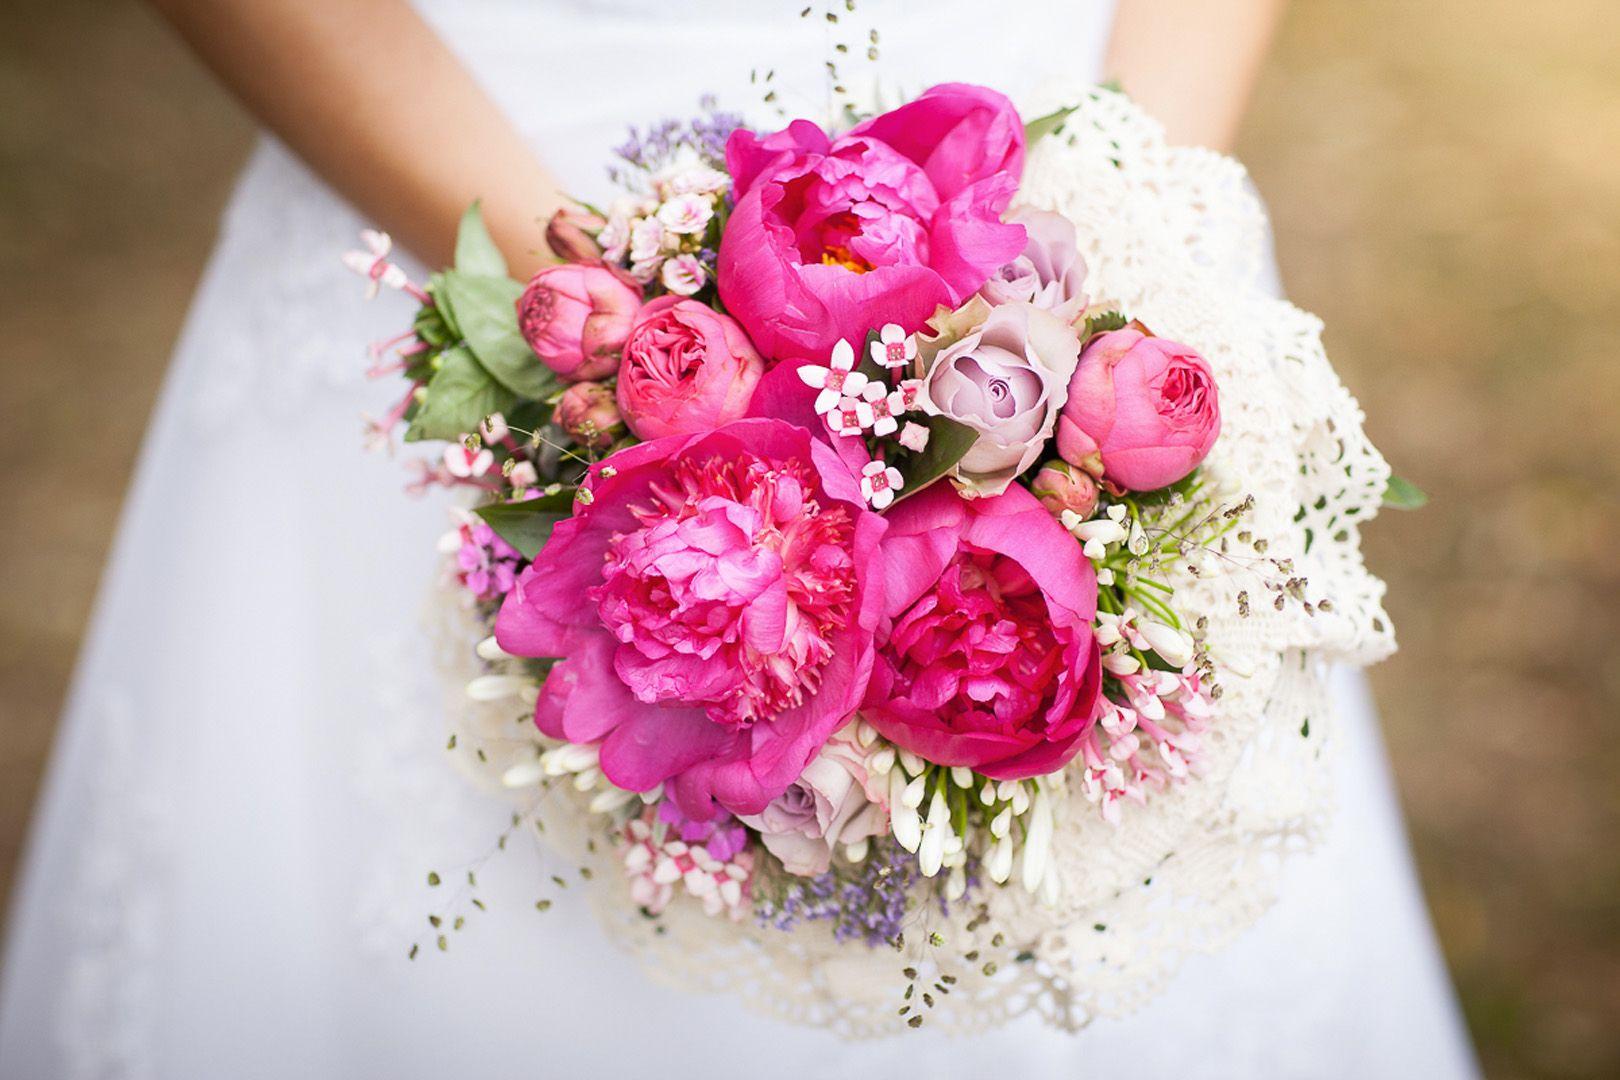 Ružová svadobná kytica z pivoniek s čipkou